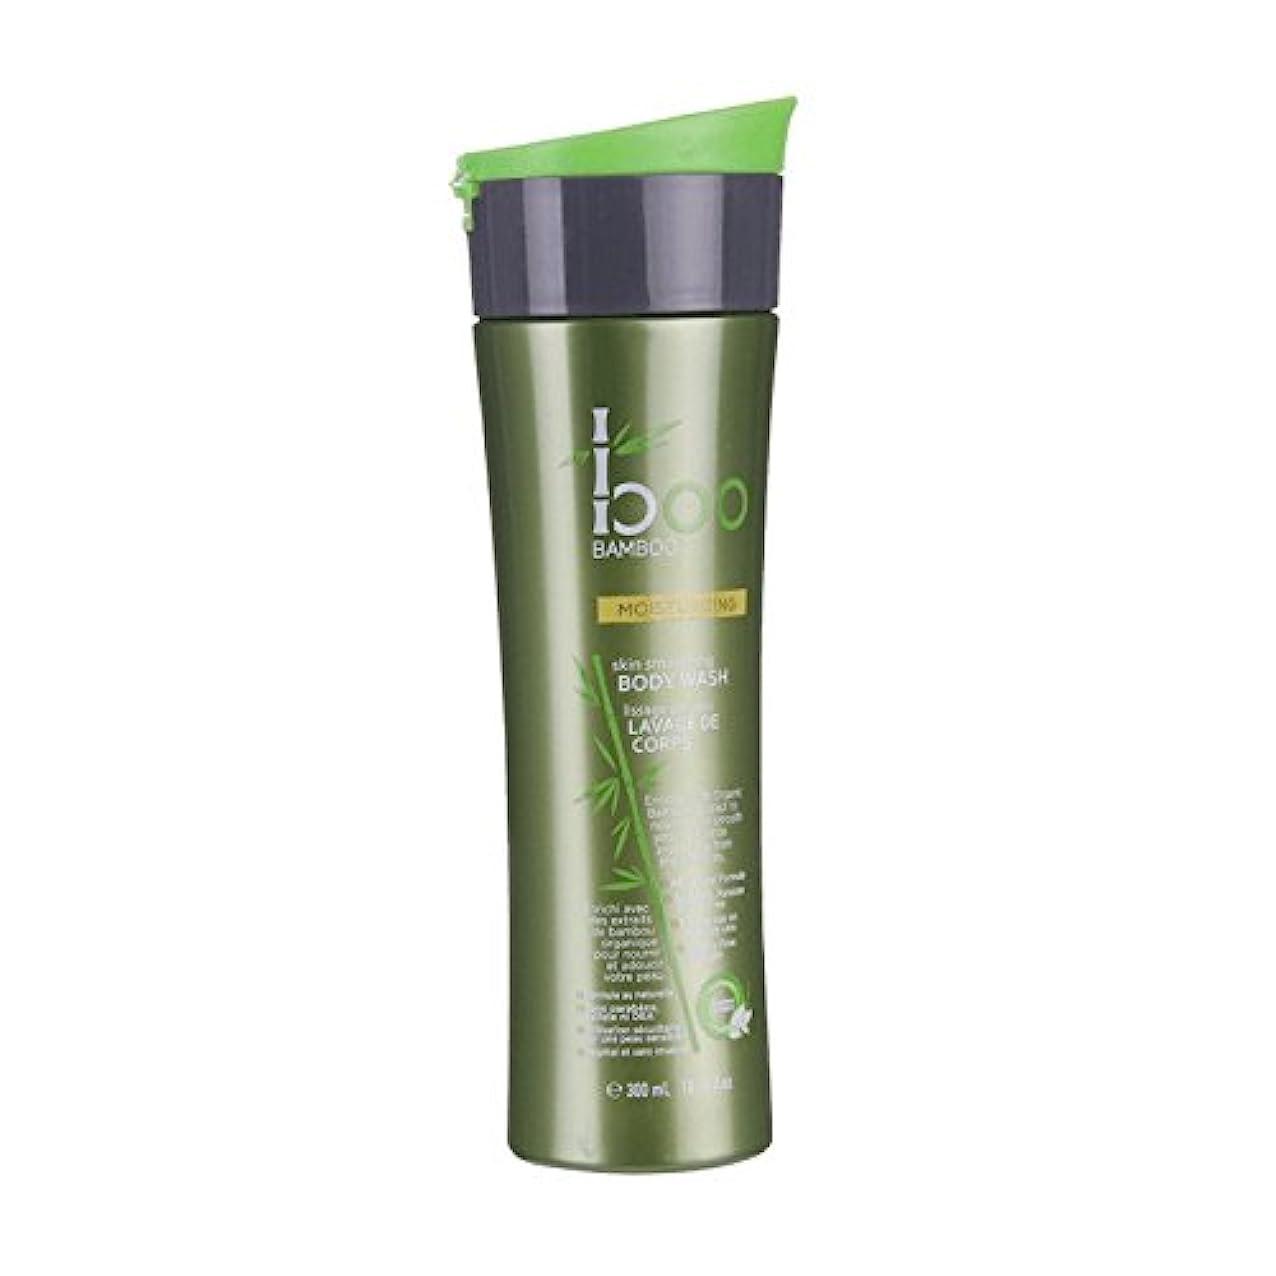 ボリューム使用法野心的Boo Bamboo Moist Body Wash 300ml (Pack of 2) - 竹しっとりボディウォッシュ300ミリリットルブーイング (x2) [並行輸入品]